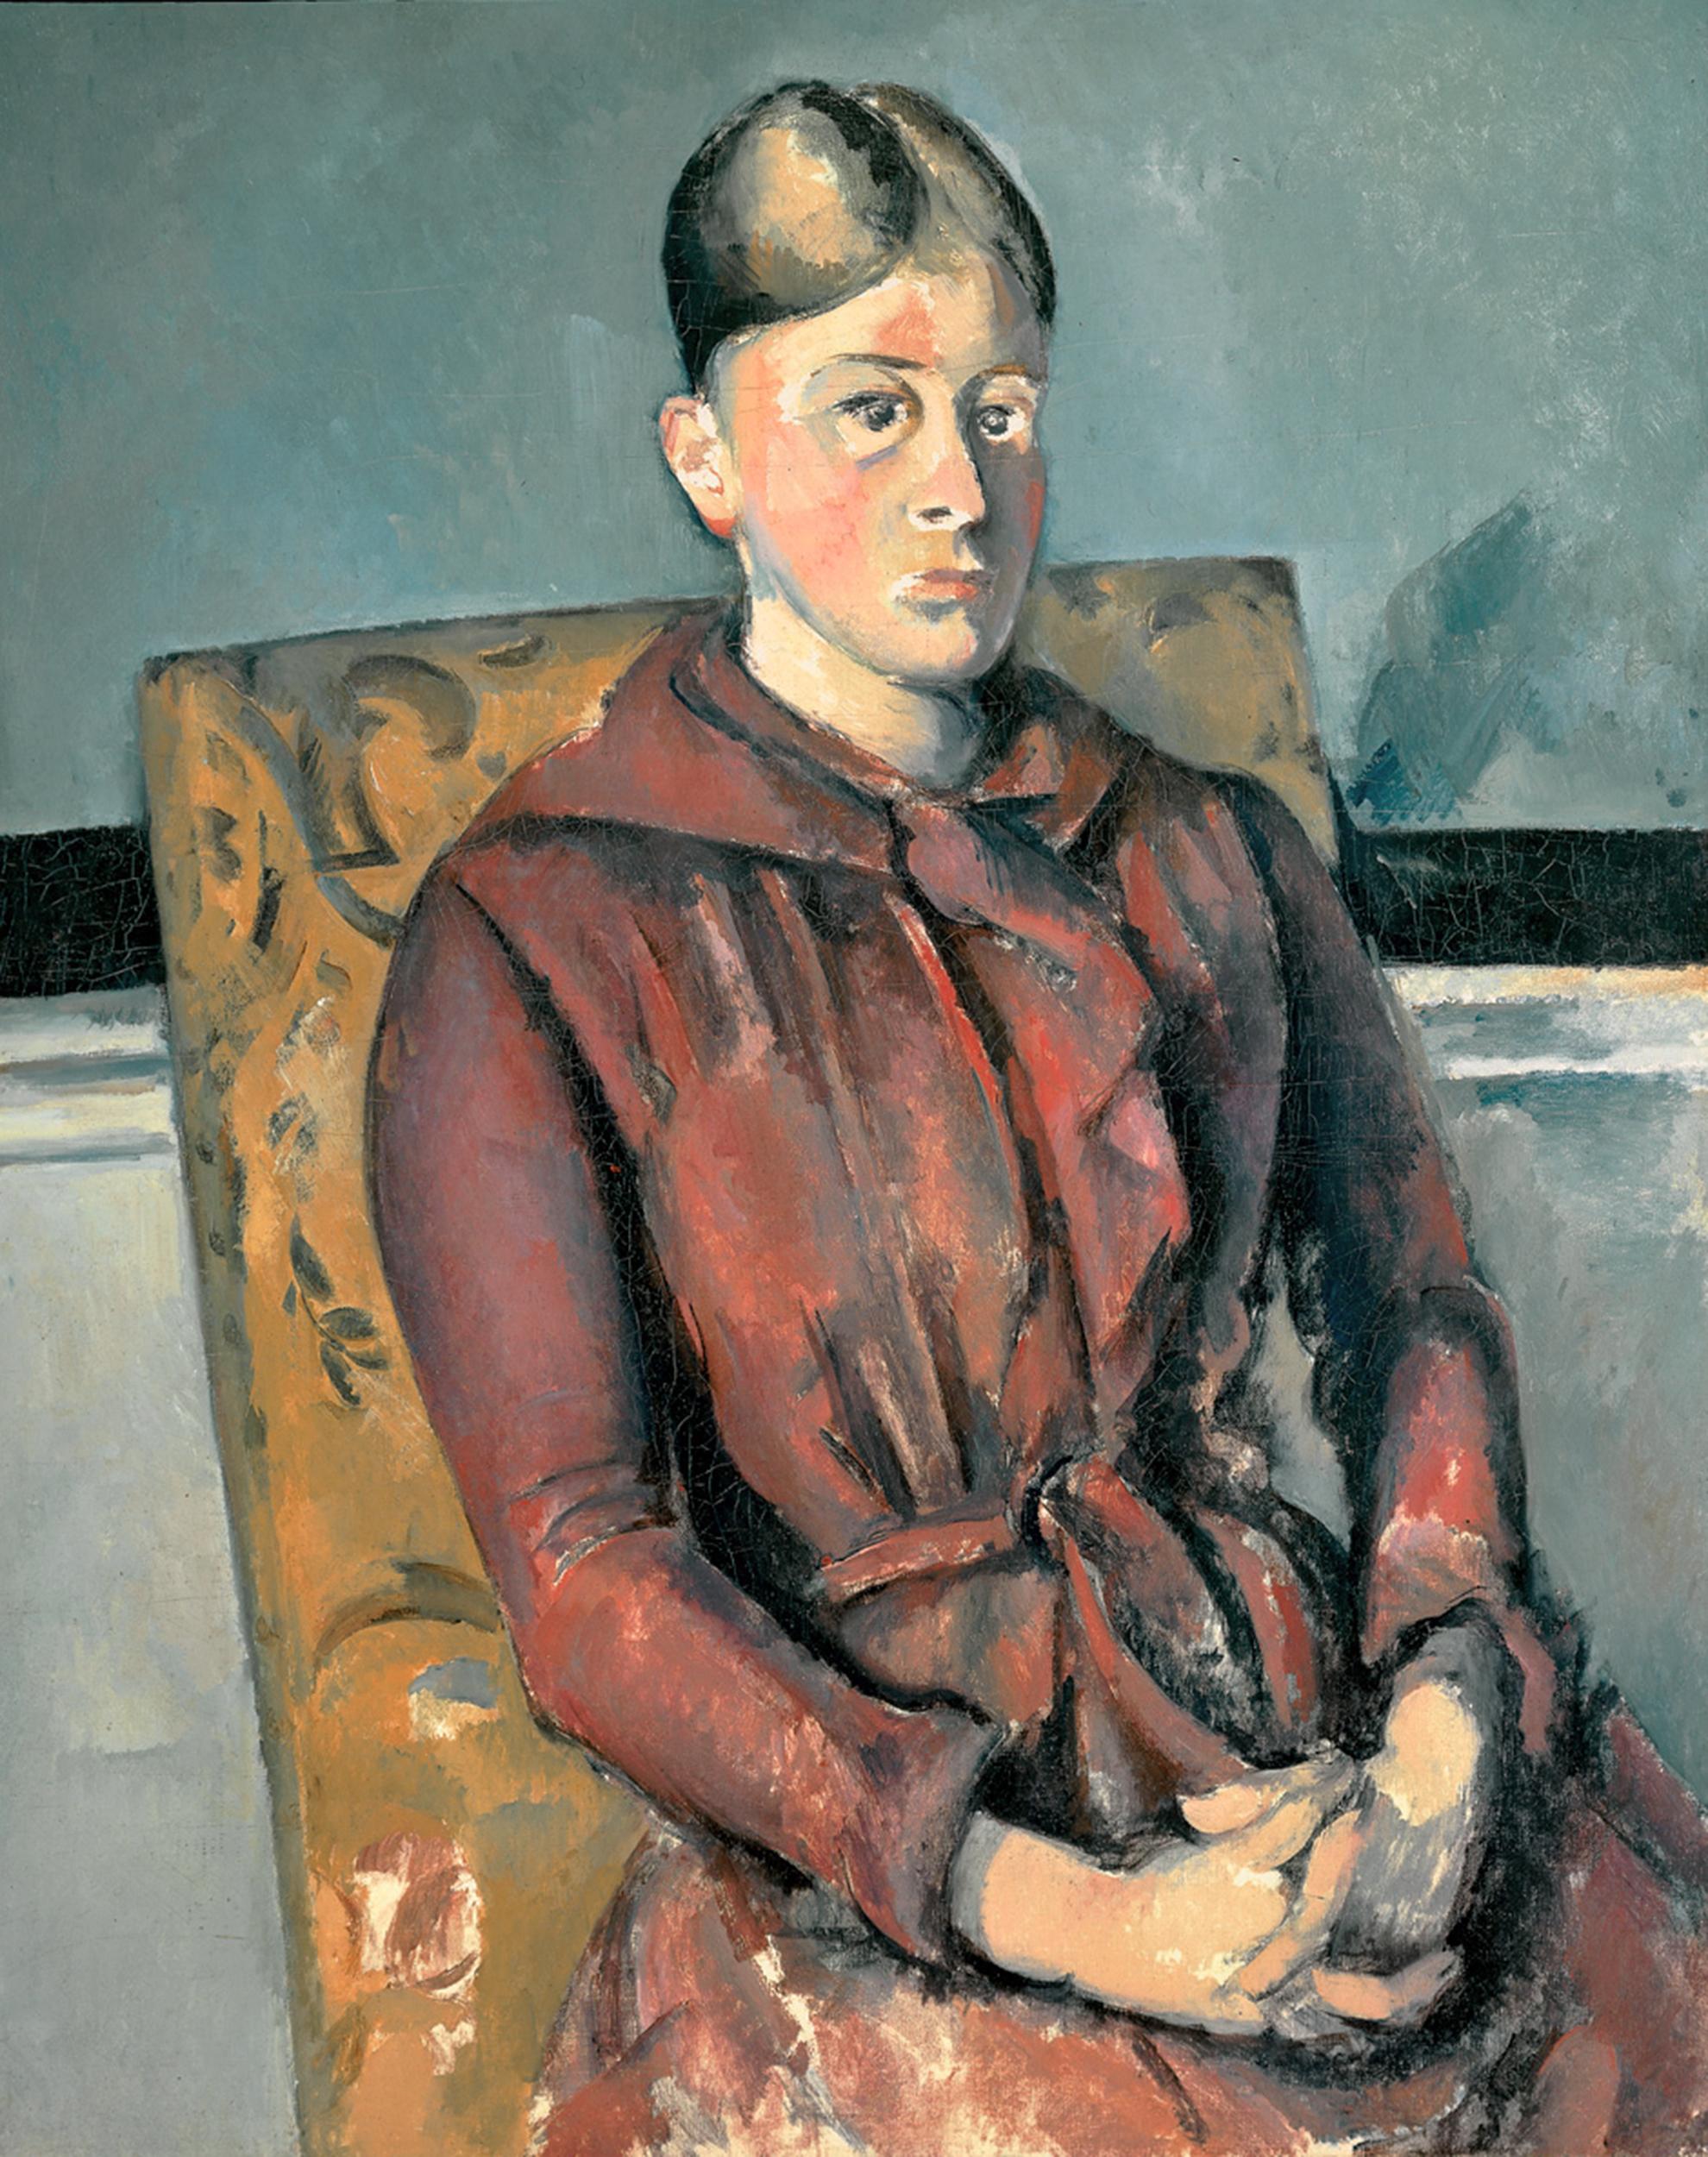 1890r651 Madame Robe 492 En Cezanne À Fwn490 Rouge1888 653 wN0vmn8O